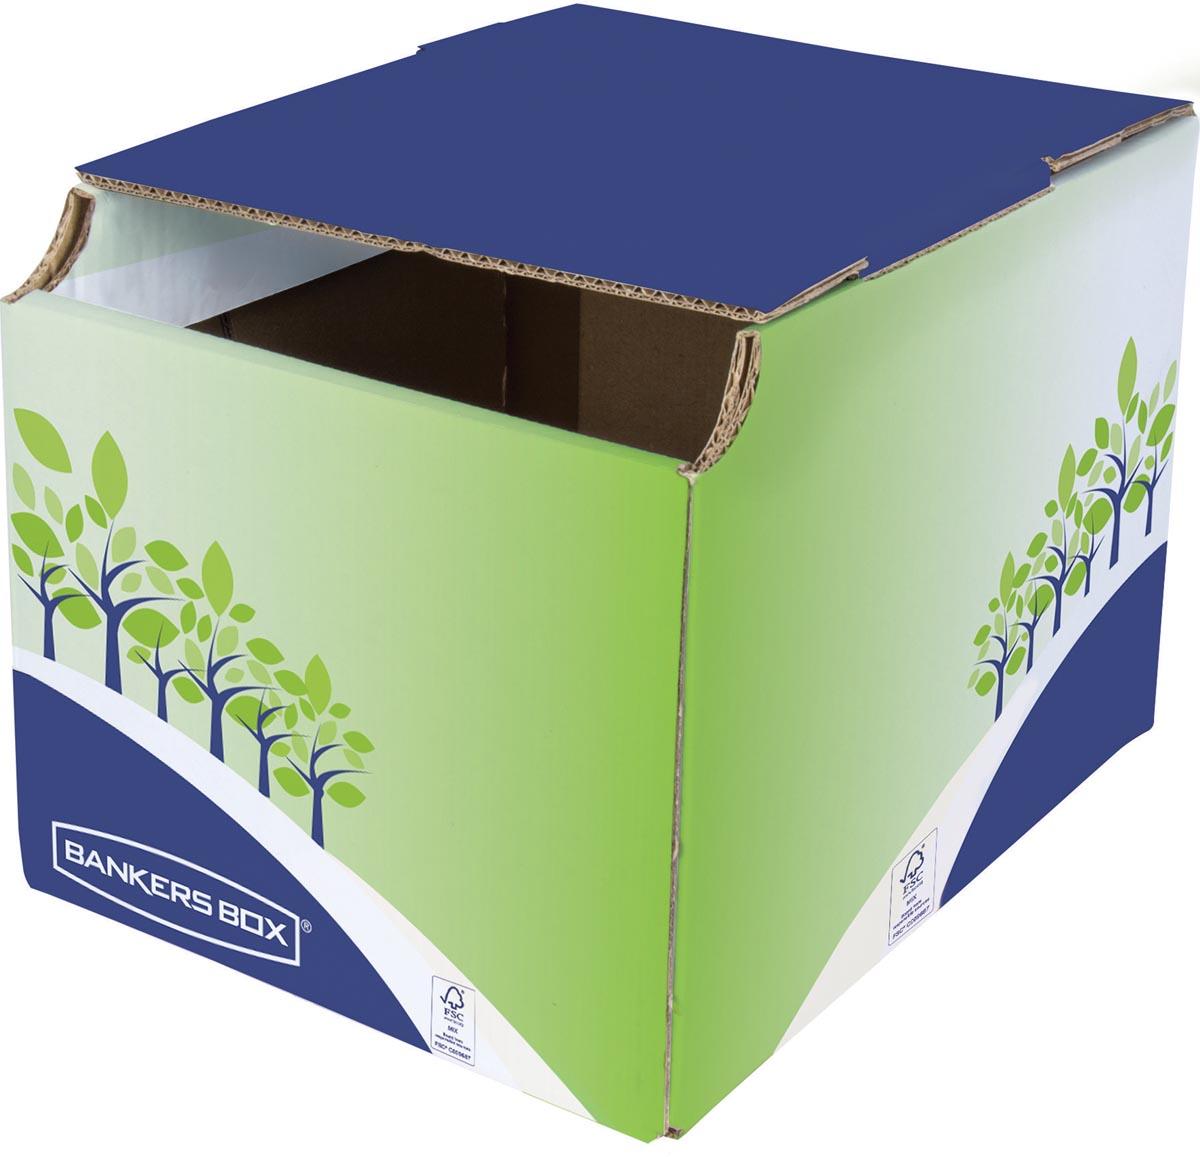 Bankers Box Prullenbak, FSC gecertificeerd karton